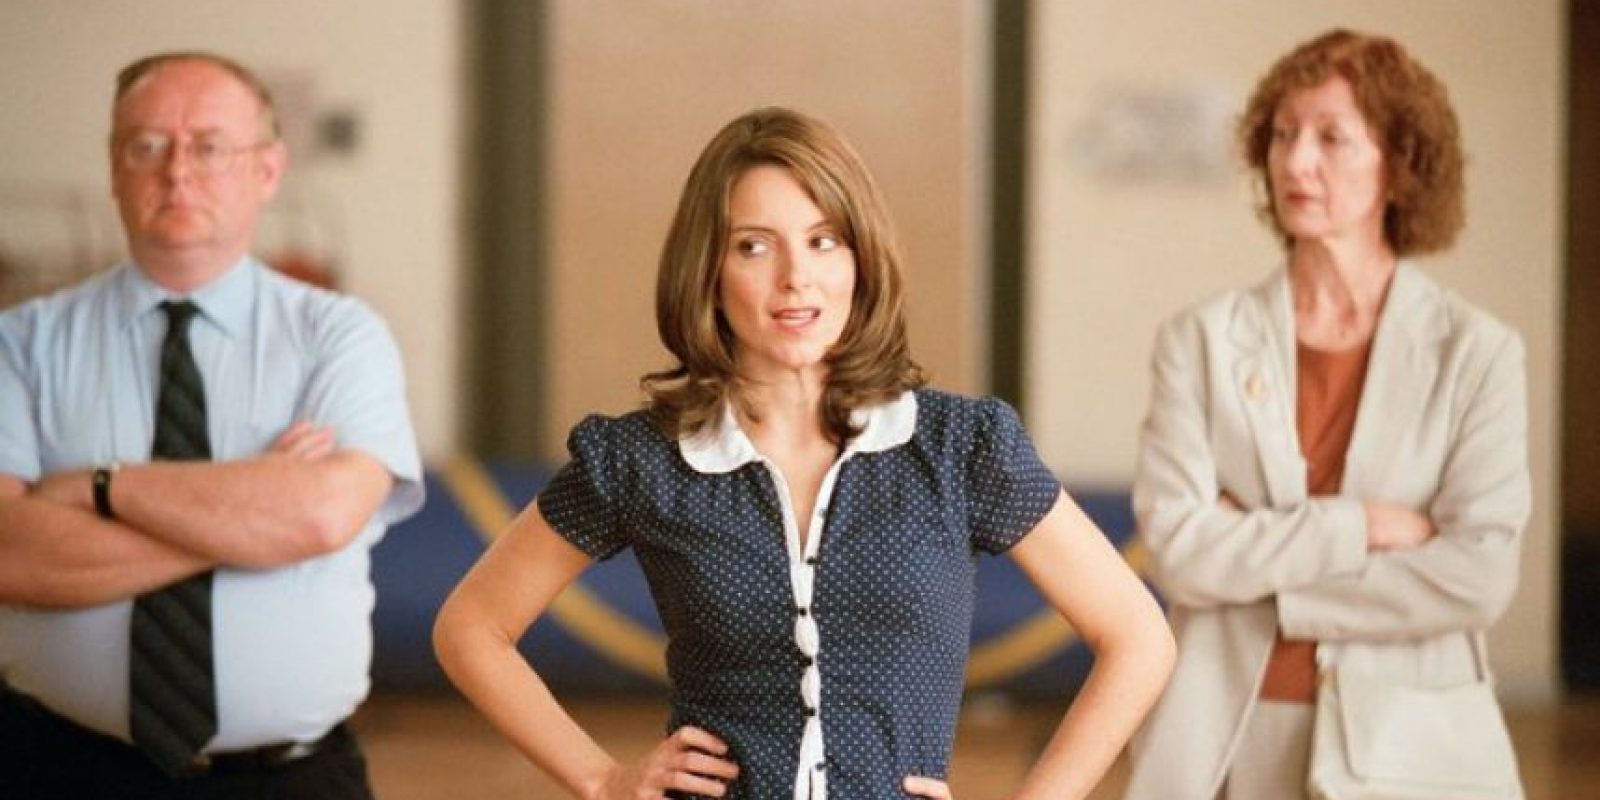 """Cuando se hicieron las audiciones para la película, Tina Fey eligió al actor que interpreta a Aaron Samuels porque pensó que """"se parecía a Jimmy Fallon"""" Foto:Facebook Mean Girls"""